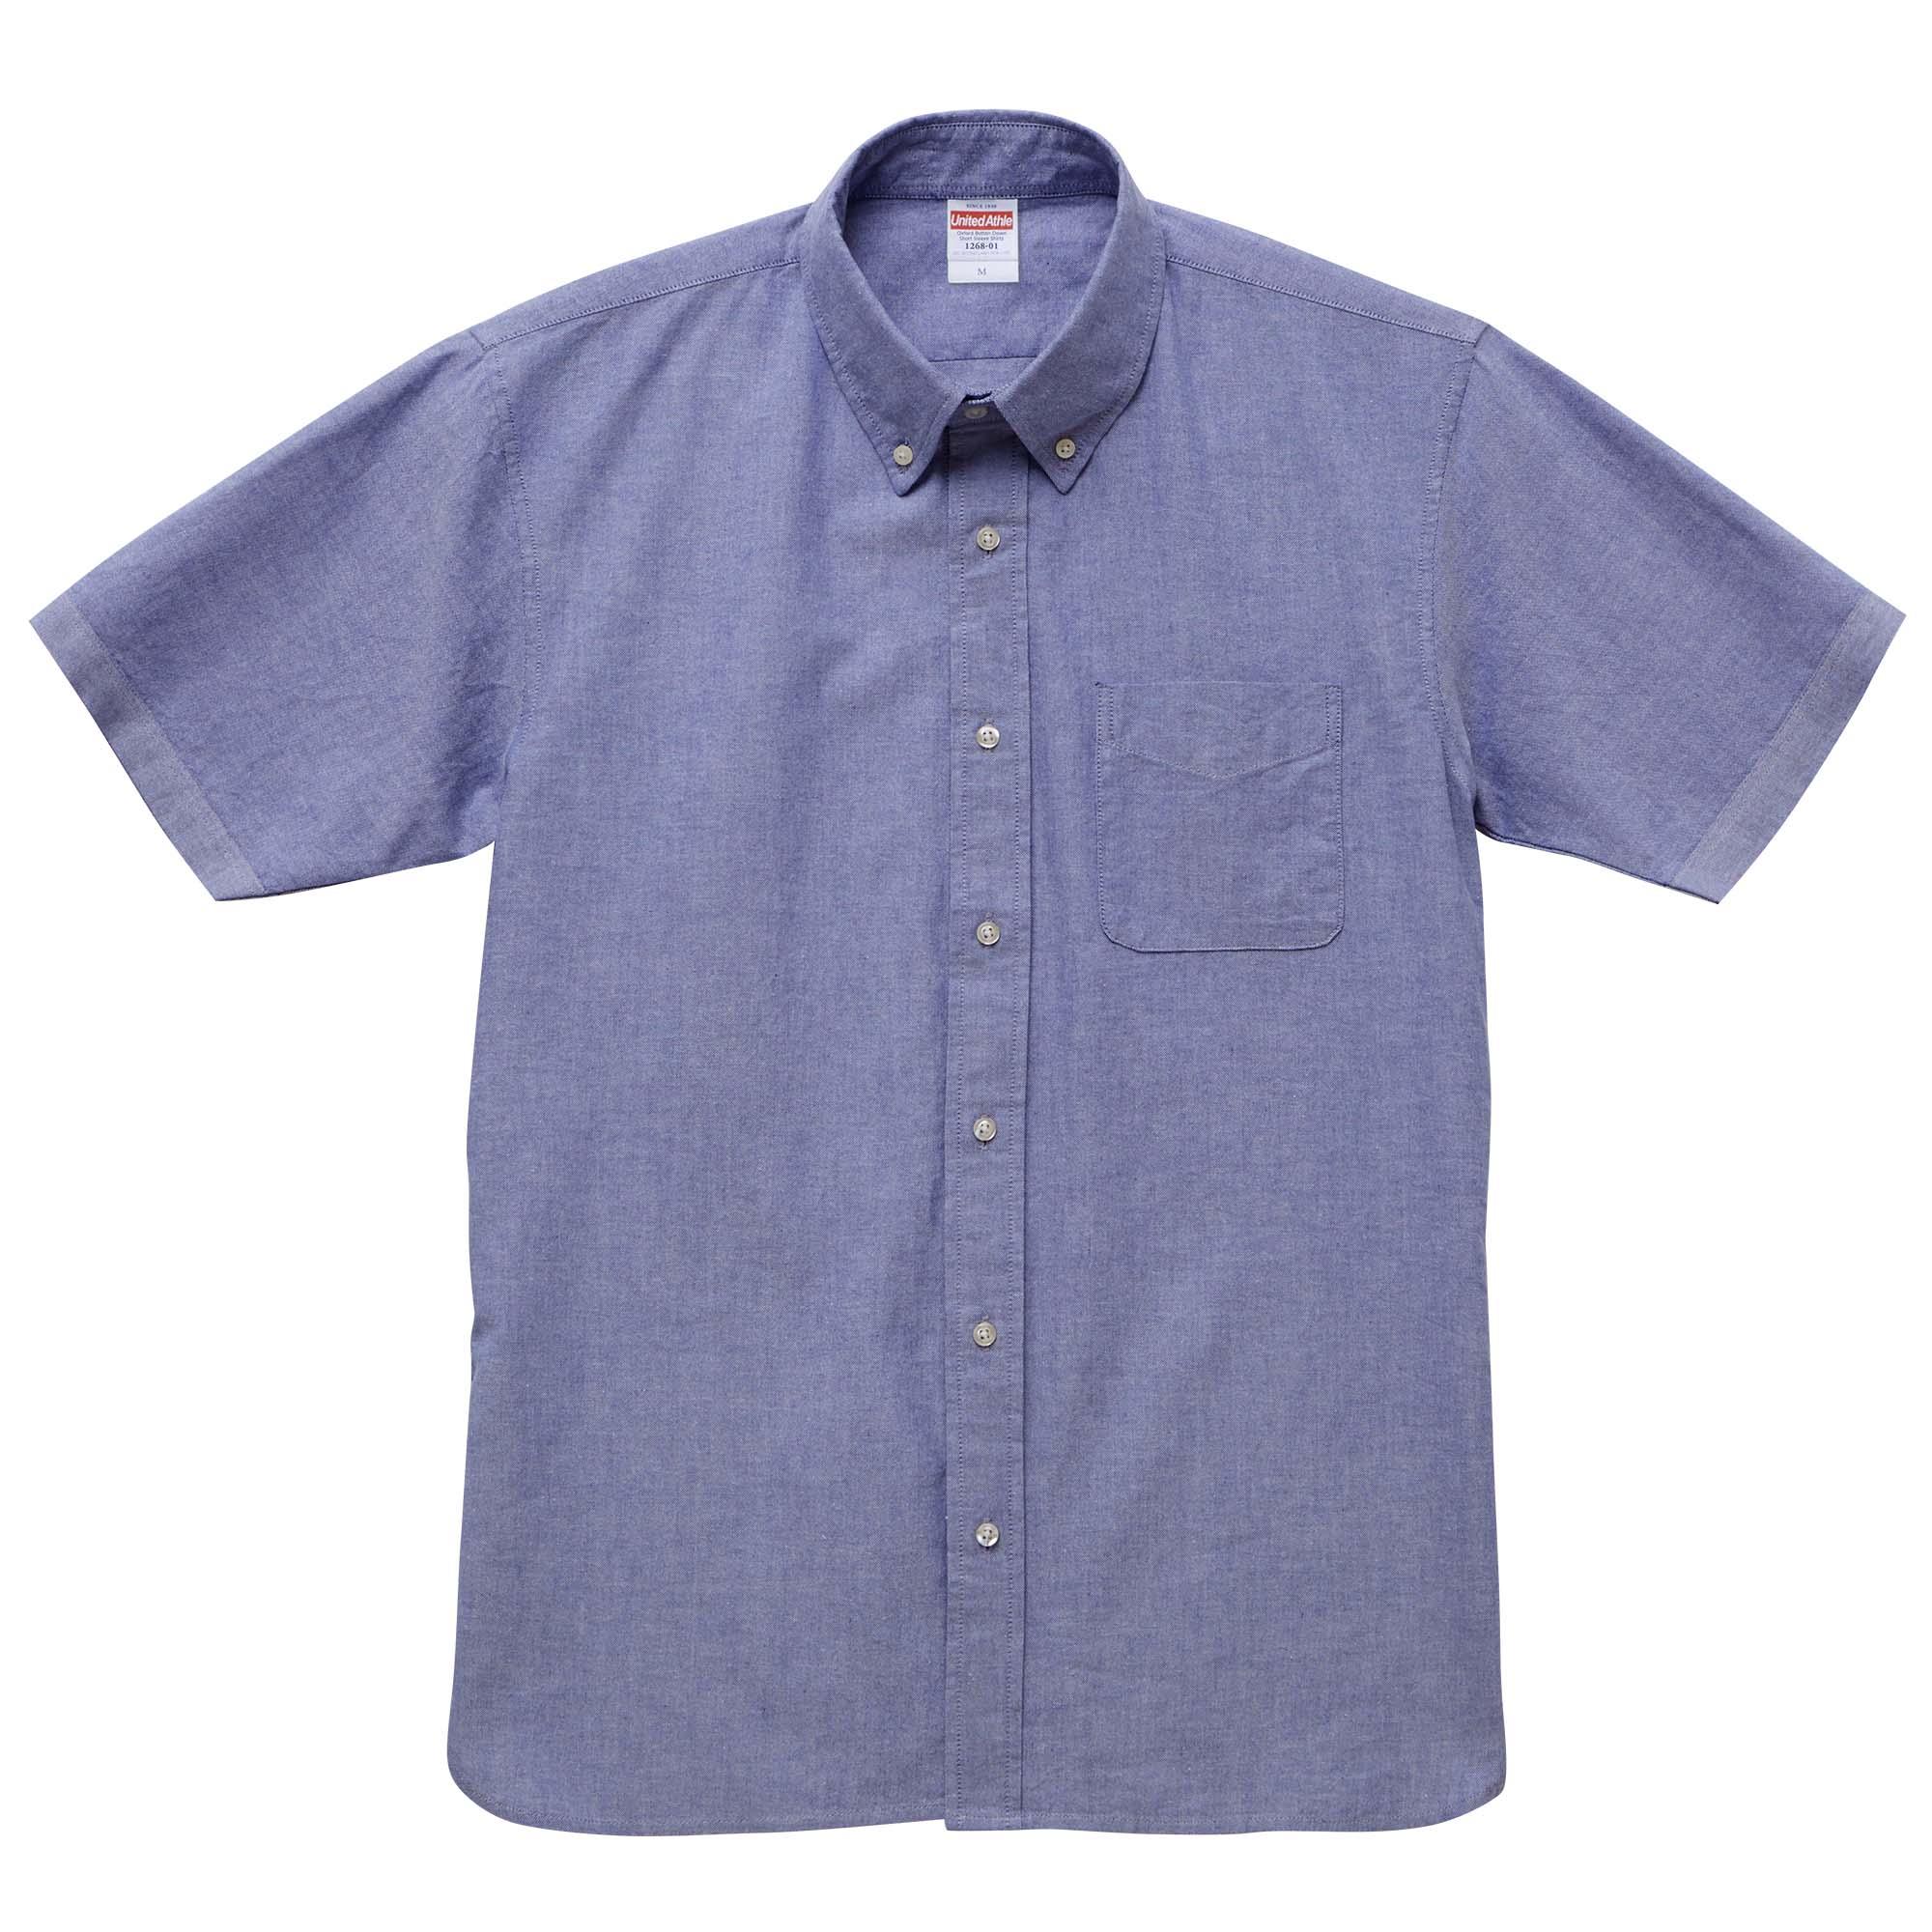 オックスフォードショートスリーブシャツ(OXブルー)